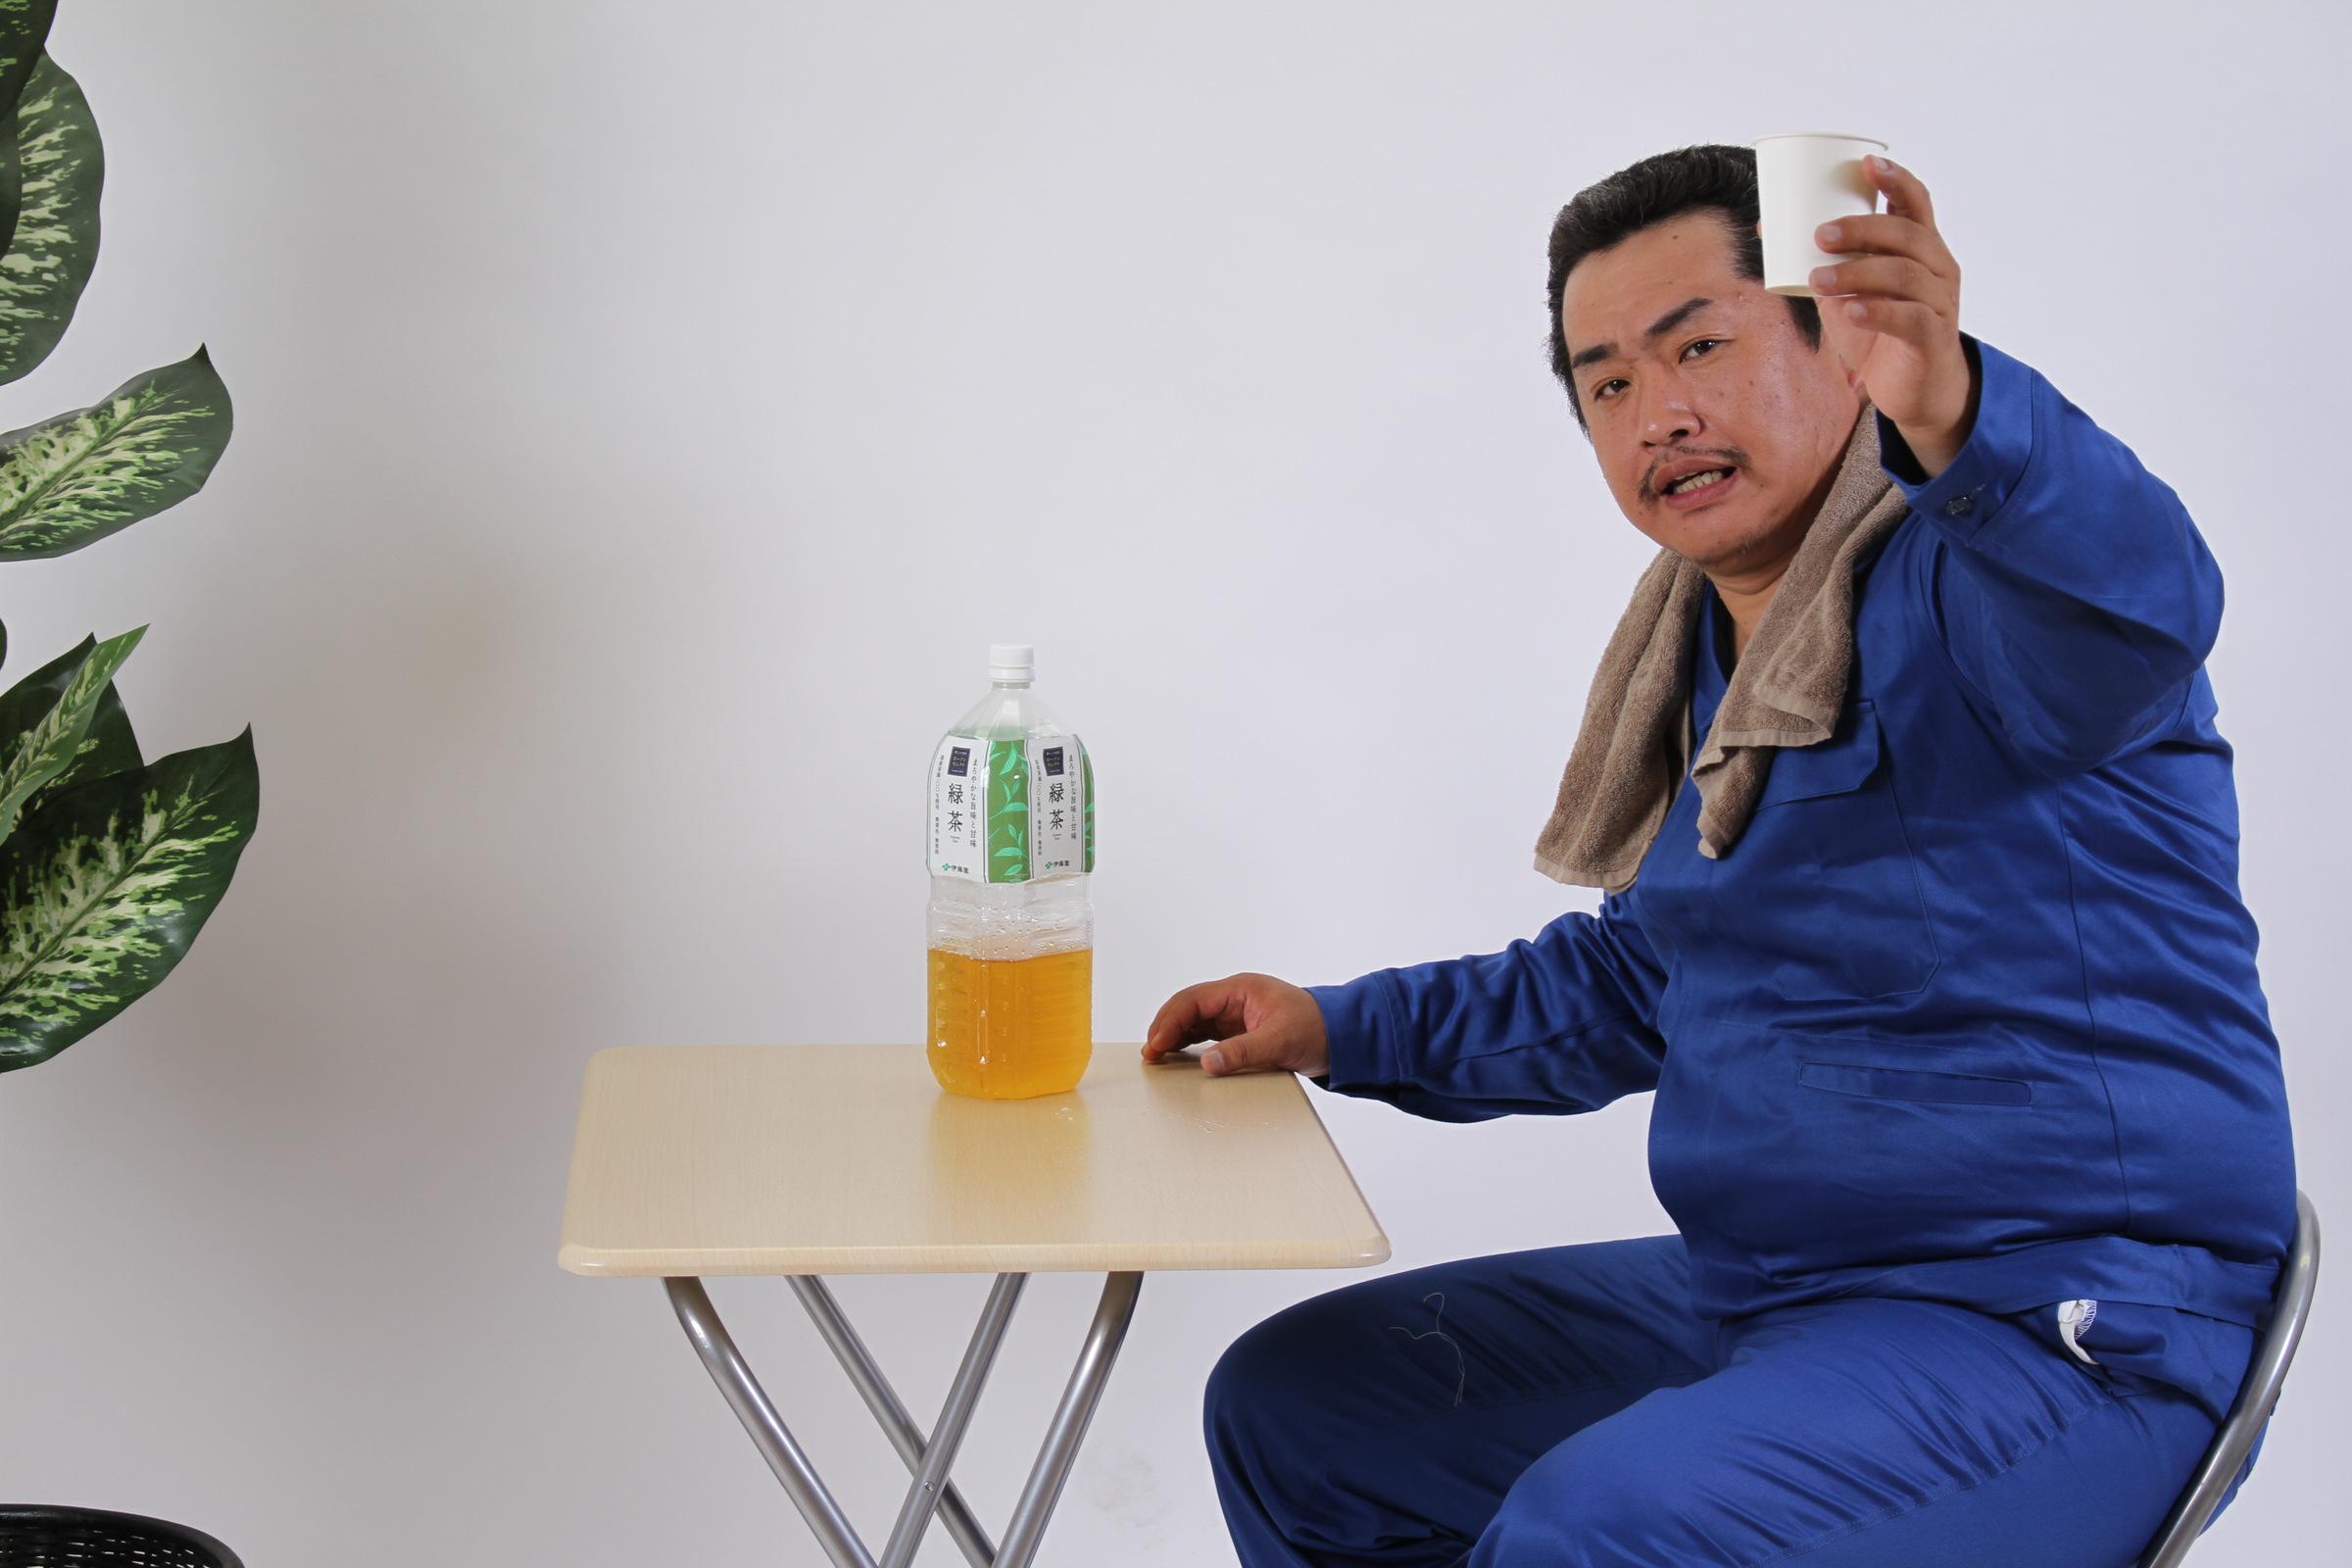 「乾杯!」,シニア,写真,画像,素材,老人,高齢者,フリー